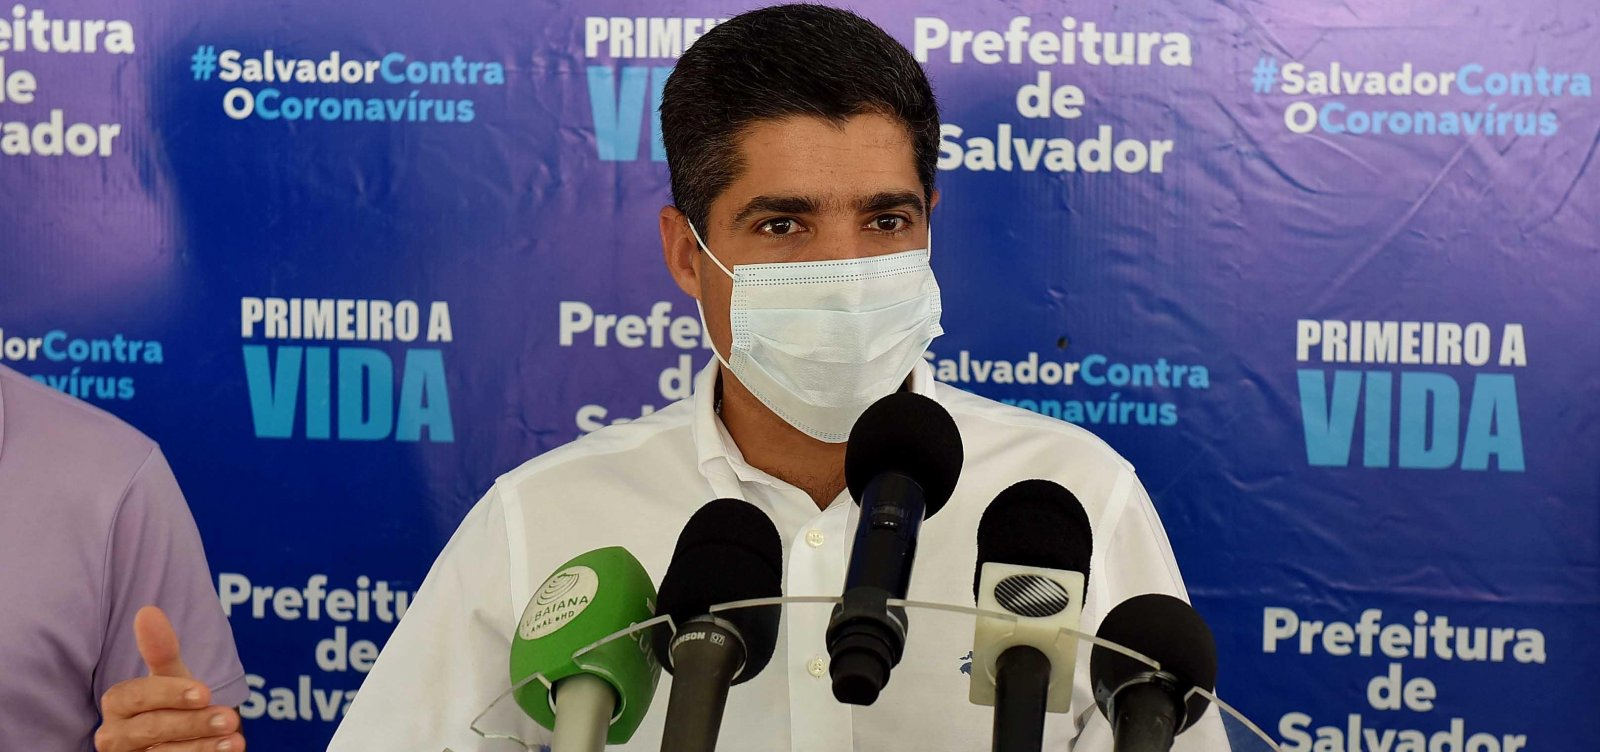 [Salvador tem média de quatro mortes por coronavírus diárias]